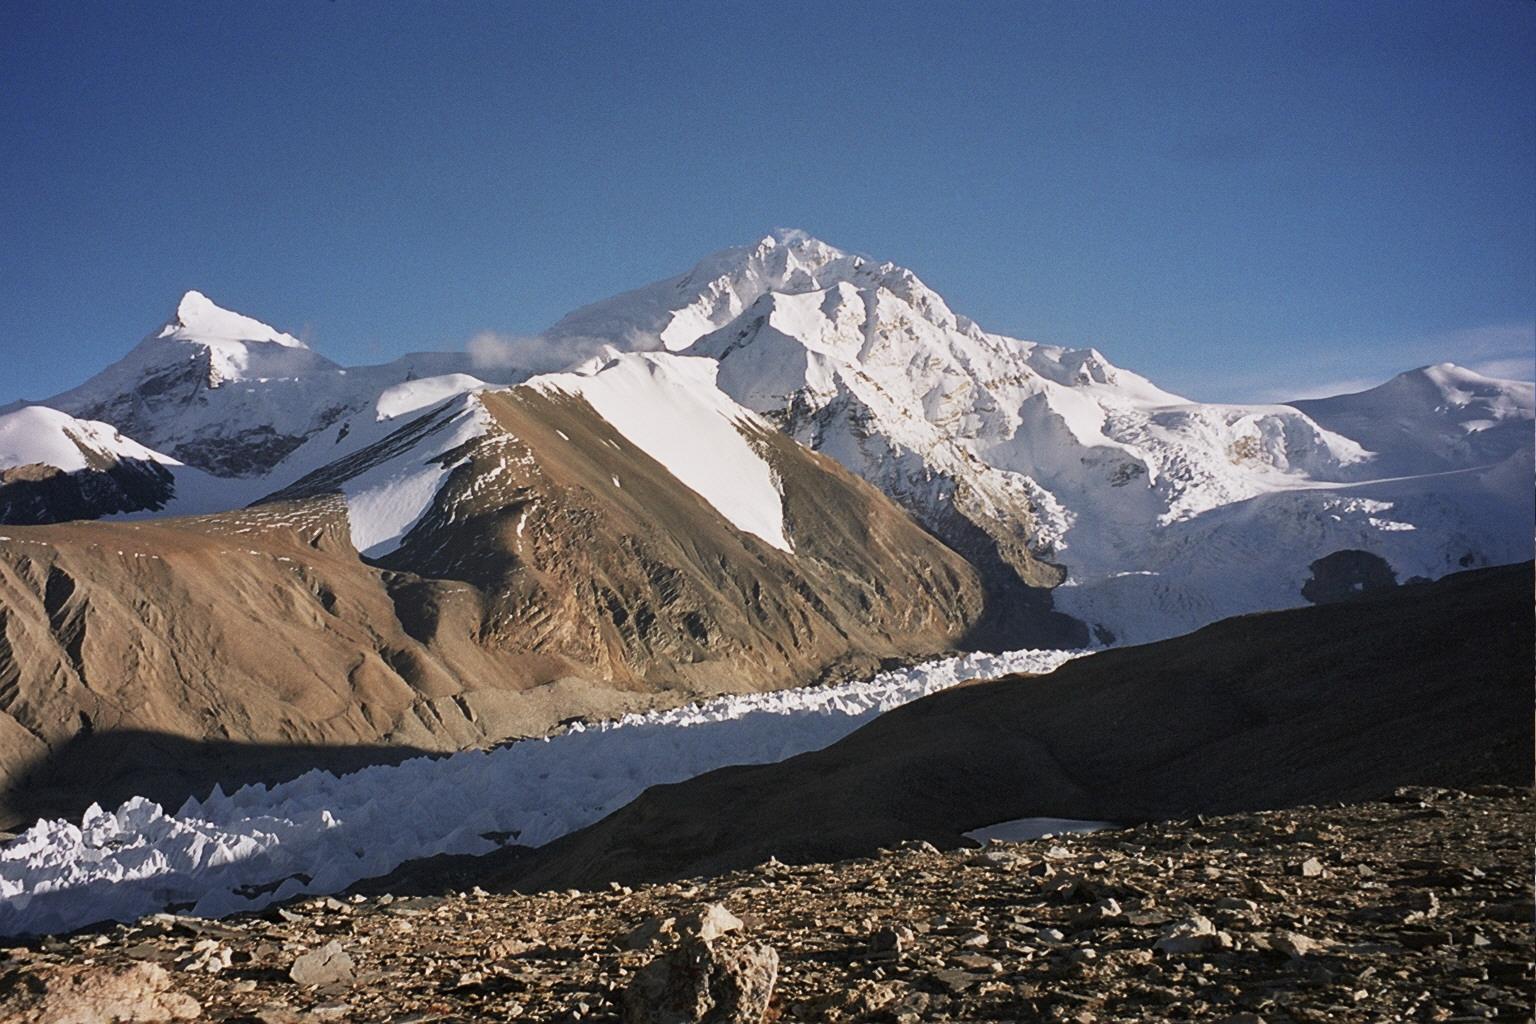 Nombres de montañas Shisha Pangma